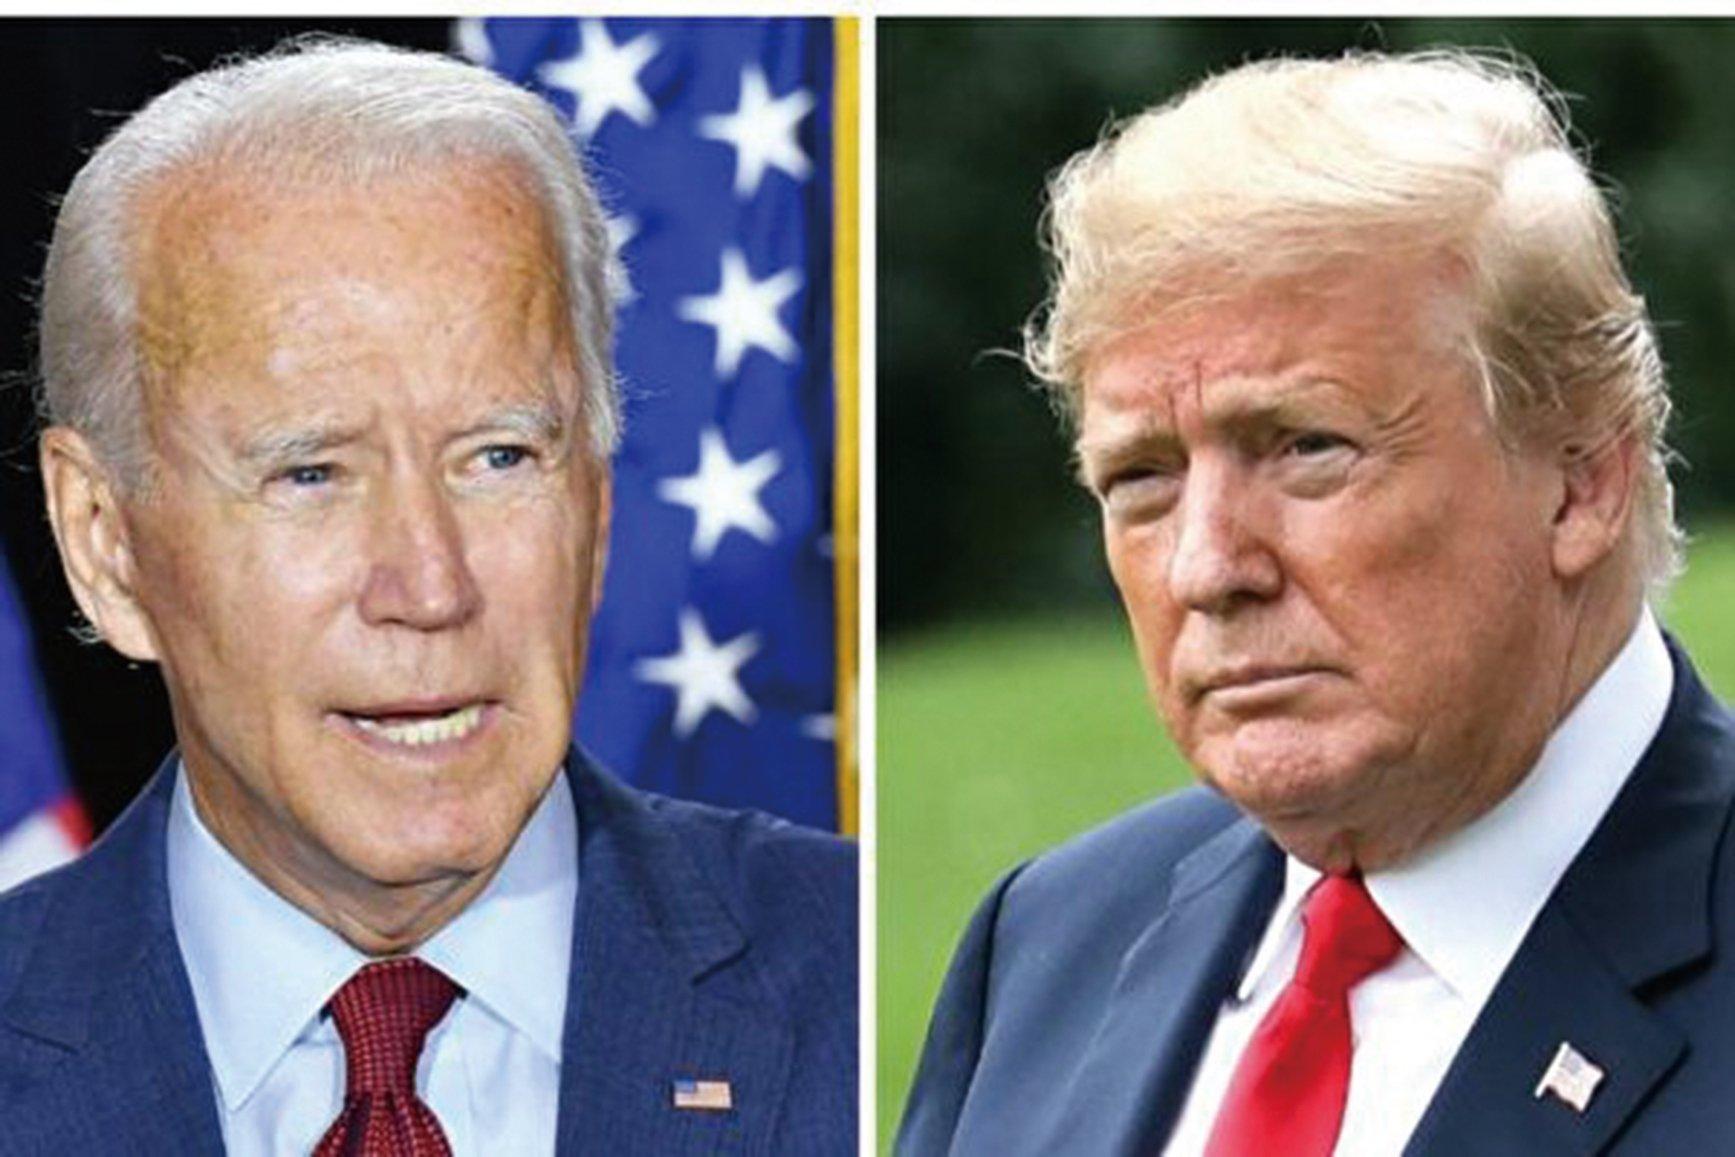 兩黨總統候選人特朗普和拜登於2020年10月22日舉行第二場、也是最後一場辯論。(Mandel Ngan/AFP/Getty Images;Samira Bouaou/大紀元)